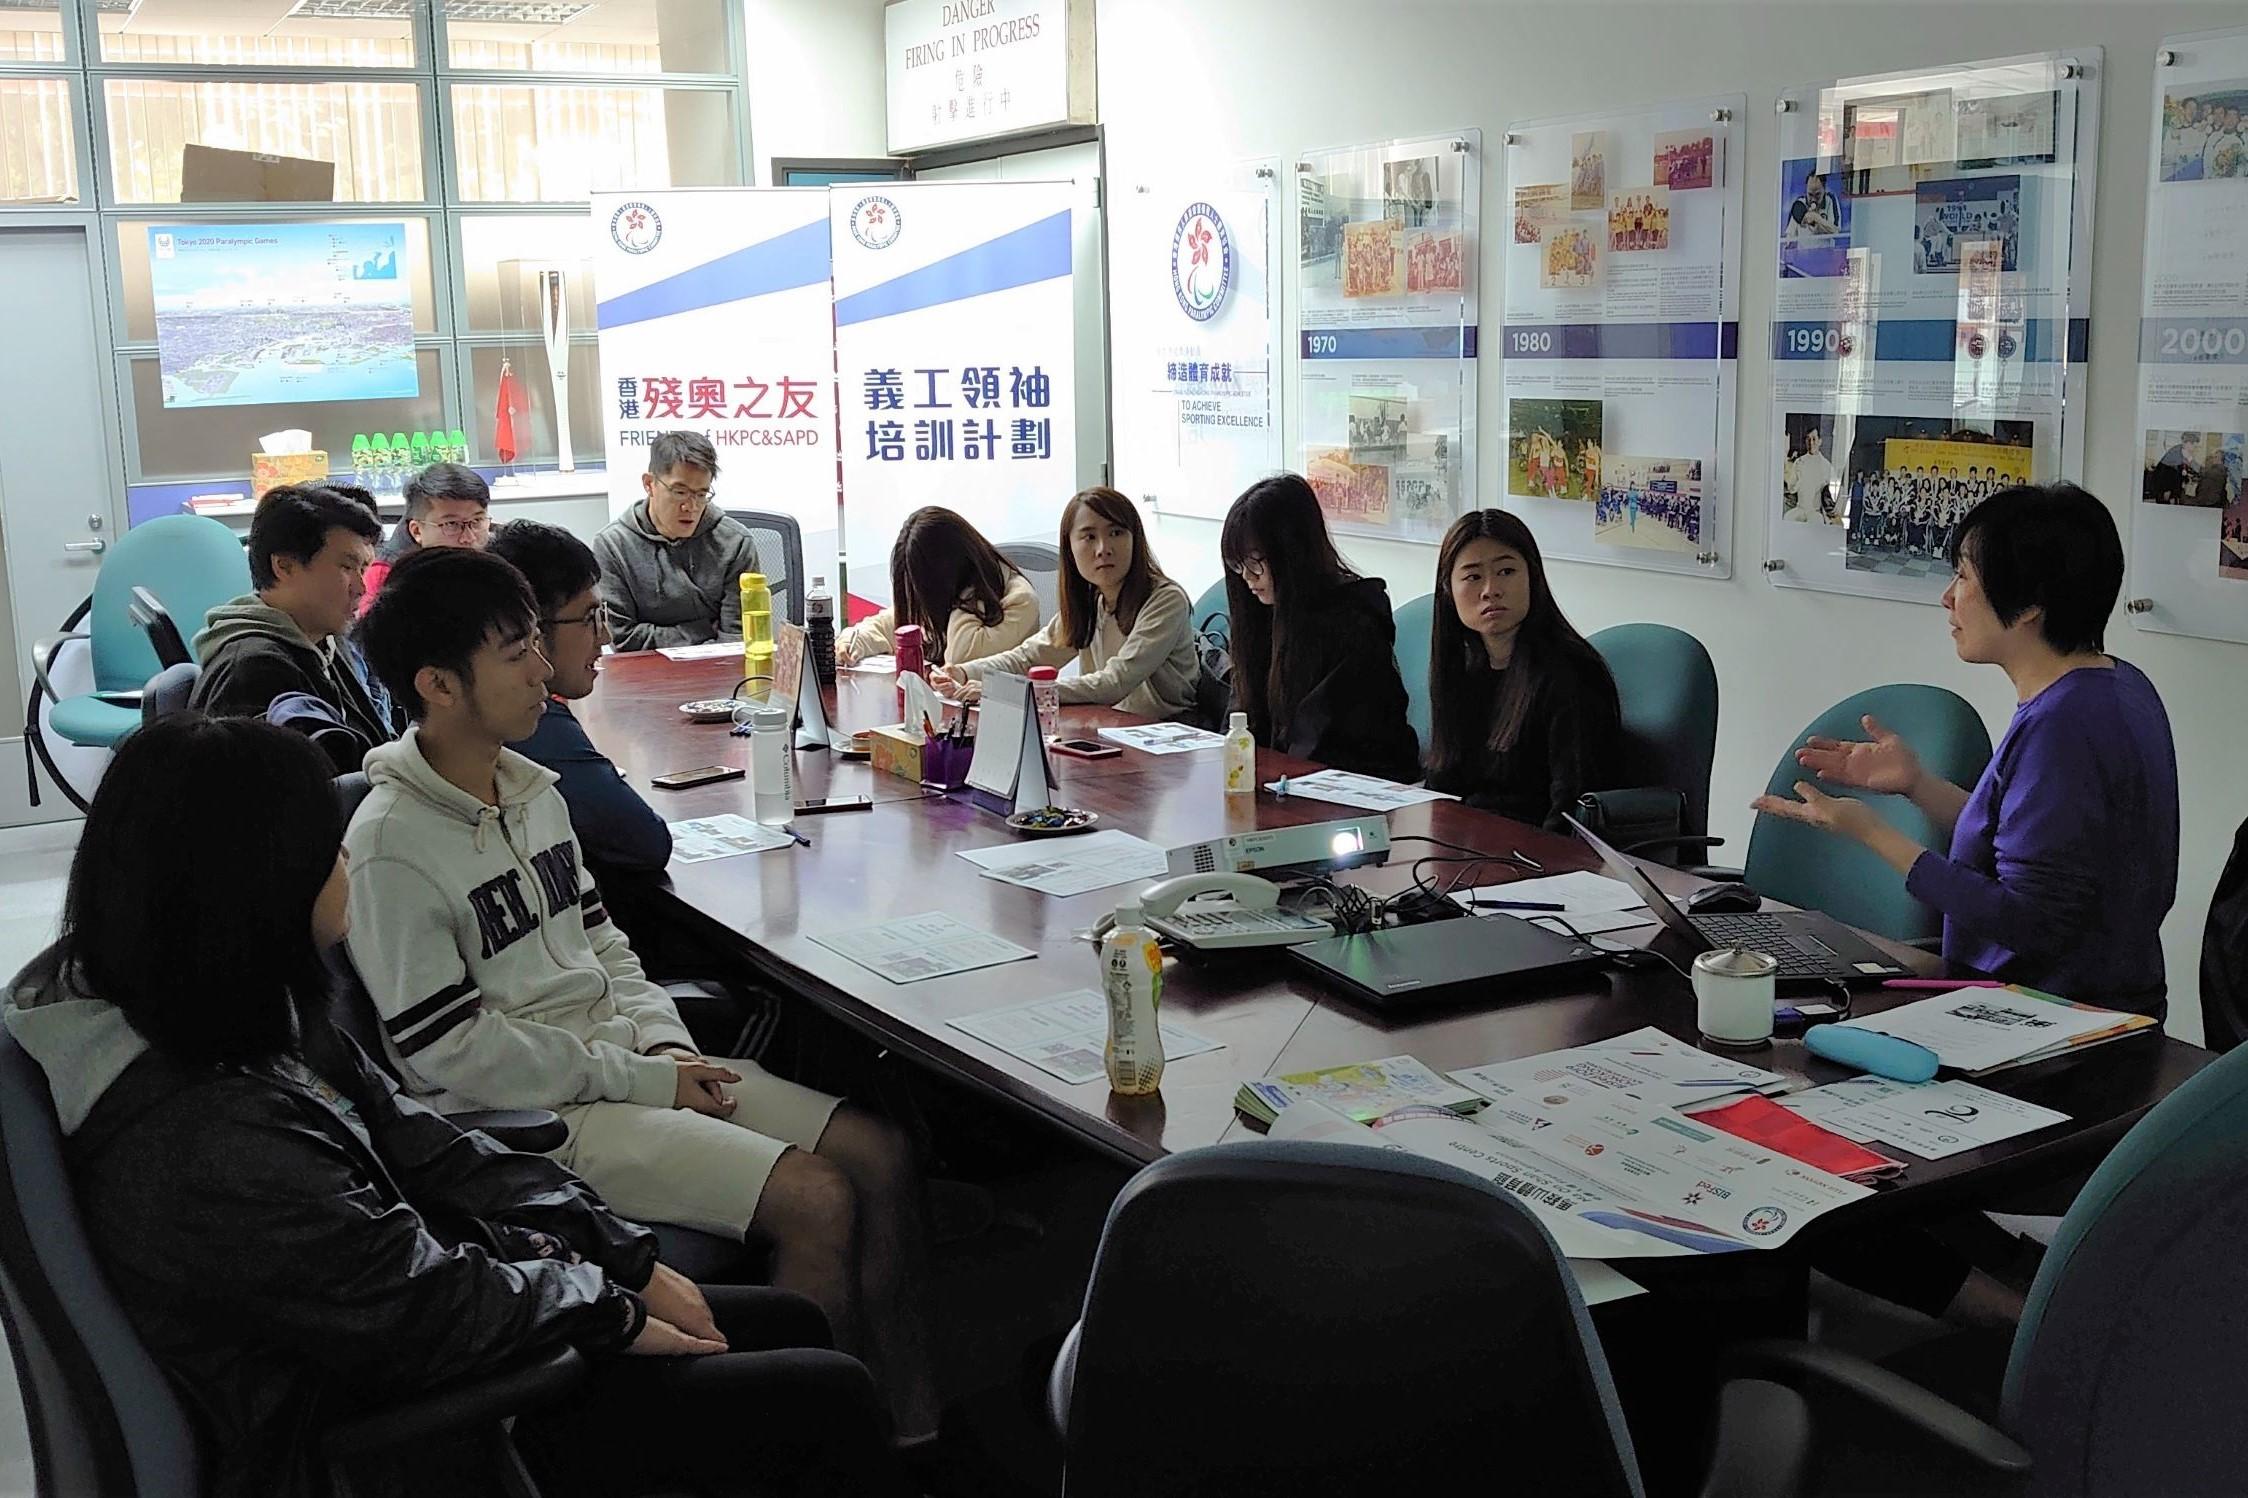 香港殘奧之友義工領袖培訓計劃 — 賽事籌劃工作坊